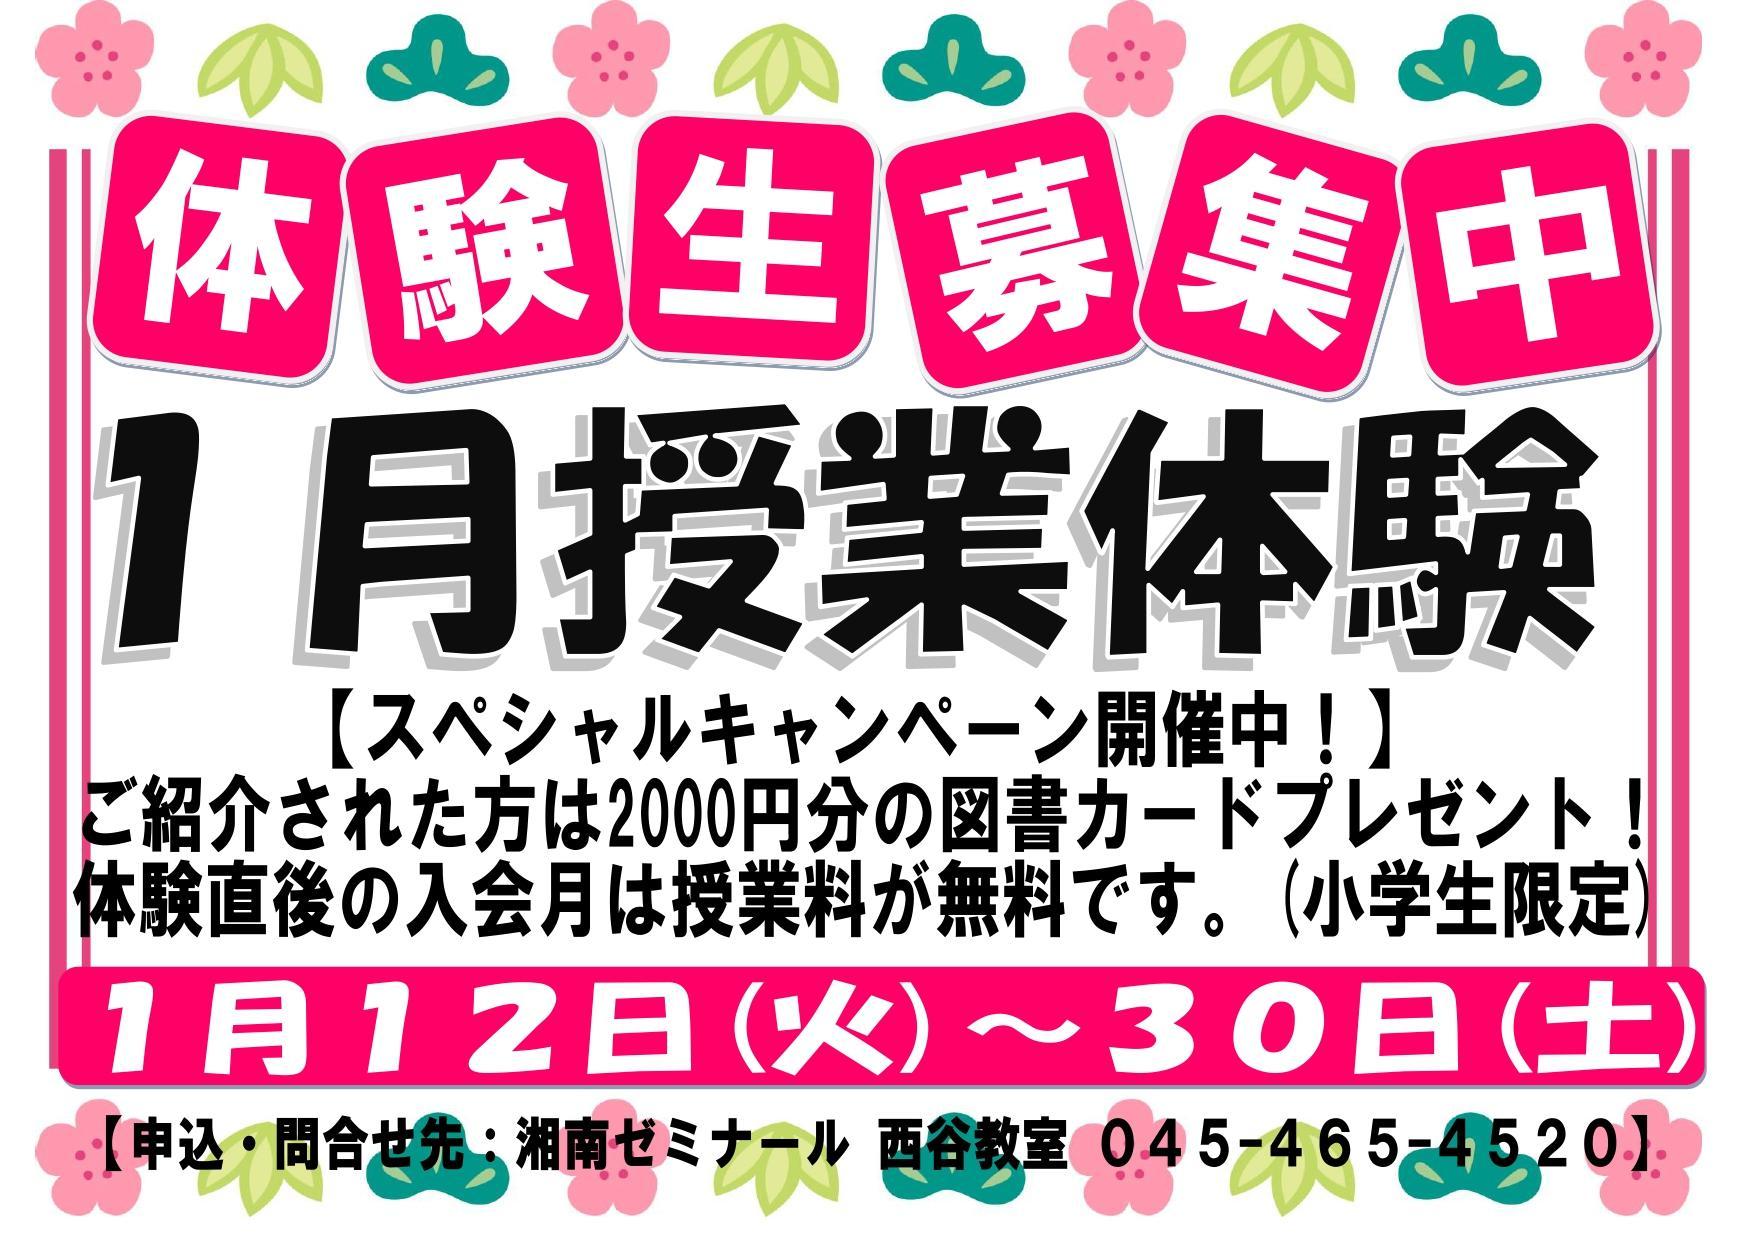 1月掲示物 _page-0001.jpg